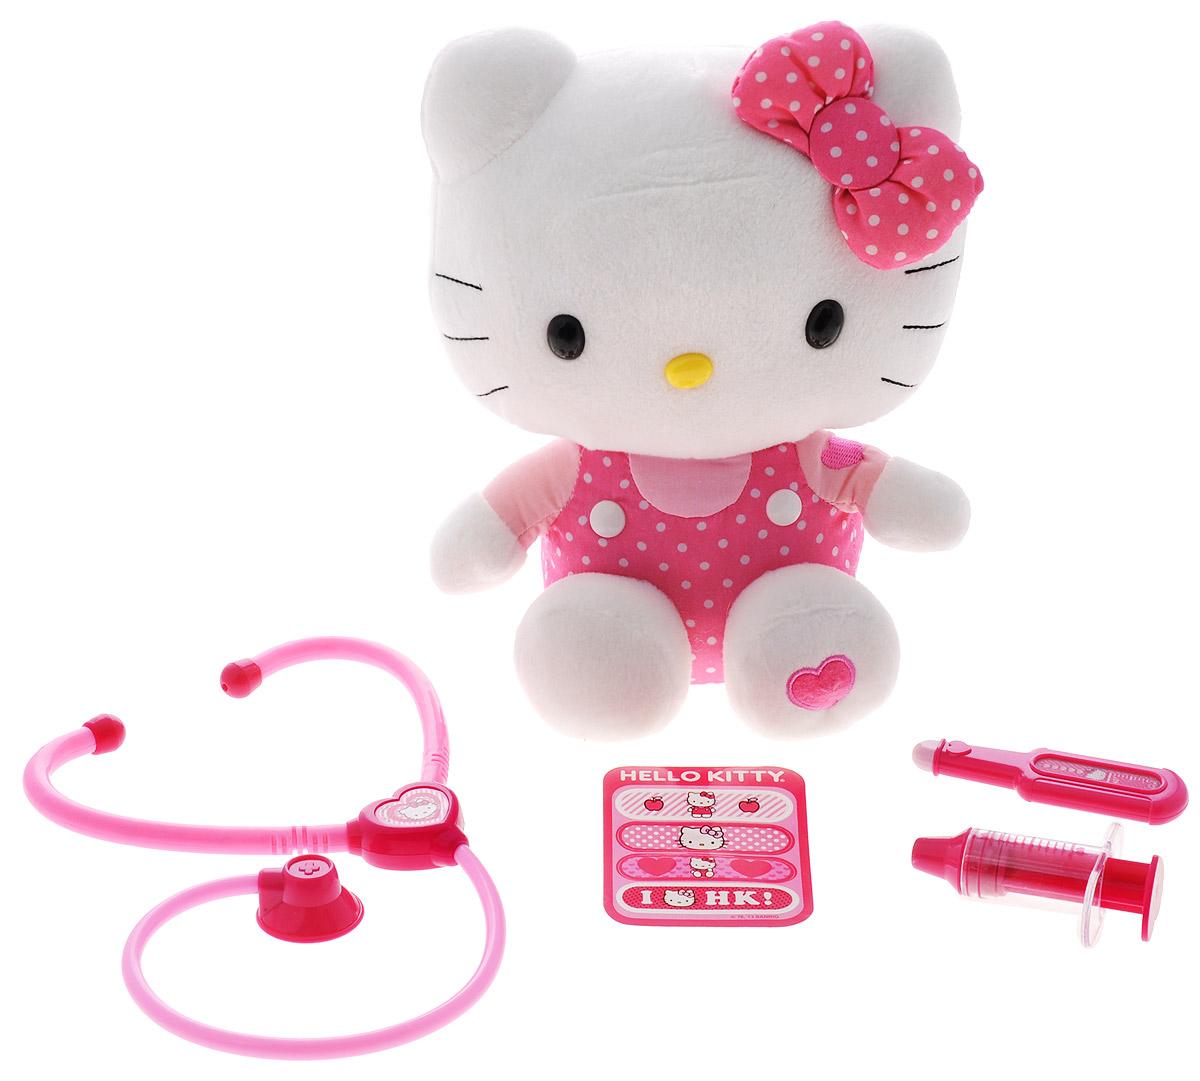 Hello Kitty Игровой набор Маленький докторHKPE6Игровой набор Hello Kitty Маленький доктор не оставит равнодушной ни одну девочку. Набор включает в себя мягкую игрушку Hello Kitty, а также 4 предмета: стетоскоп, термометр, шприц, пластырь. Все предметы оформлены в стиле Hello Kitty. С этим набором можно сделать Китти укол, измерить температуру, послушать ее сердце и дыхание. Ваша малышка часами будет играть с этим восхитительным набором. Порадуйте ее таким замечательным подарком! Для работы игрушки необходимы 2 батарейки типа АА (товар комплектуется демонстрационными).